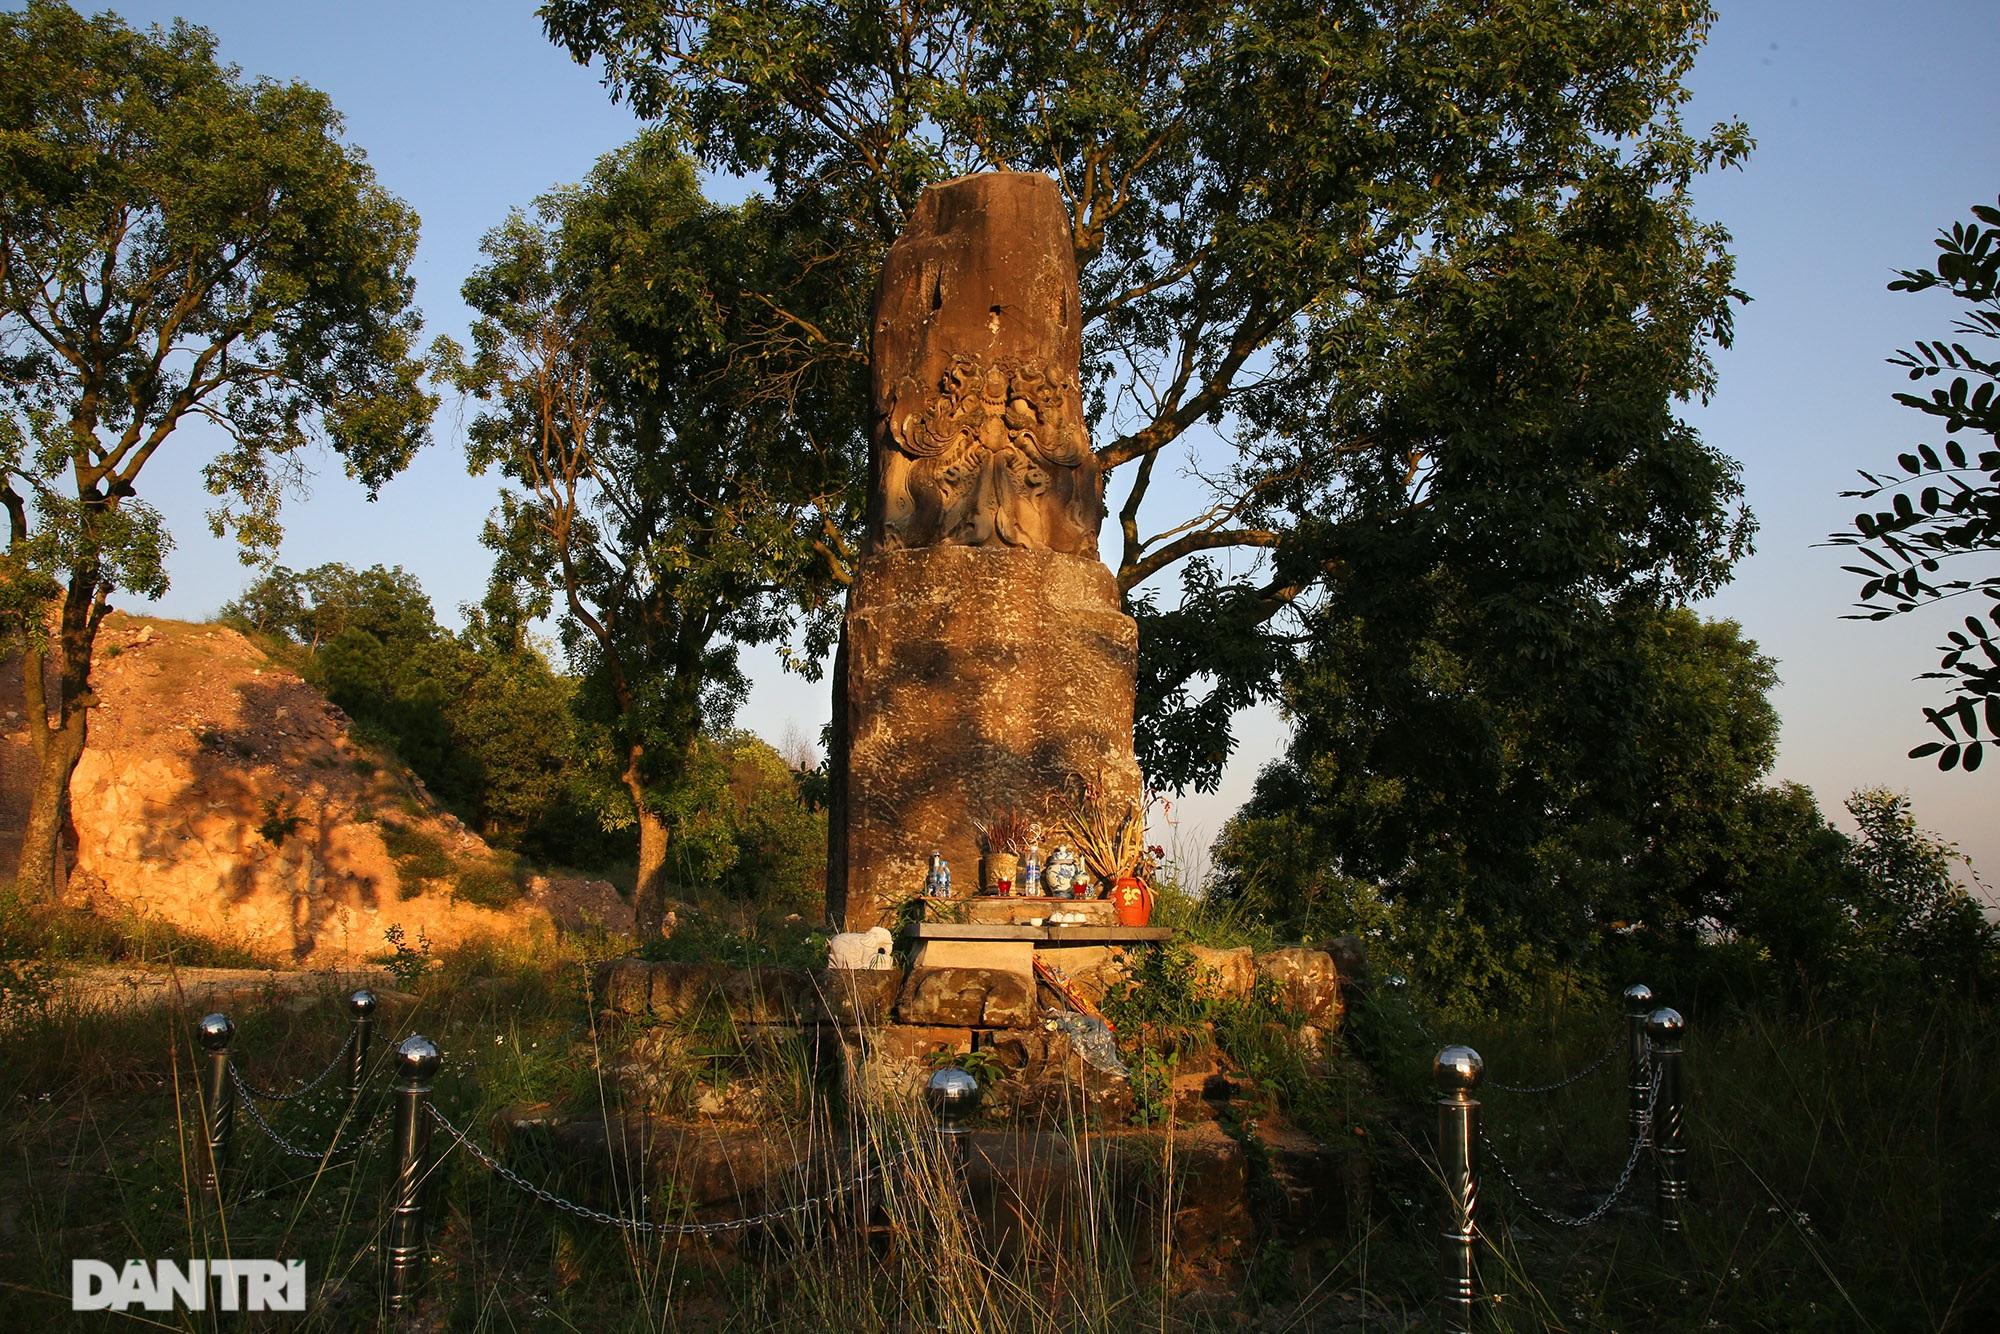 Bí ẩn cột đá nghìn năm tuổi bên sườn núi Đại Lãm, Bắc Ninh - 2